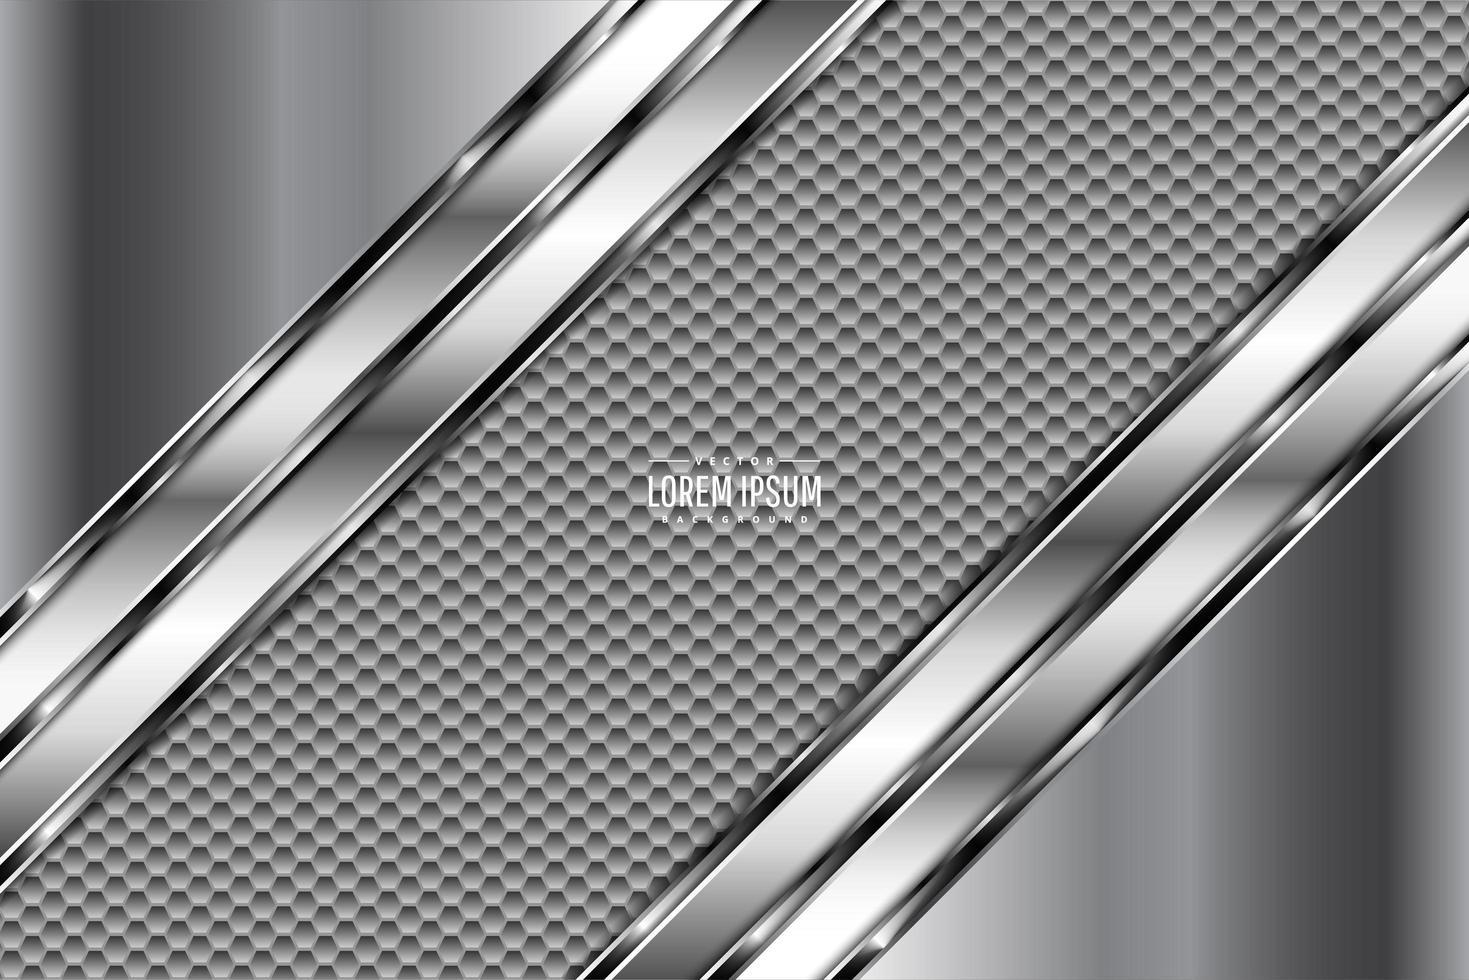 grijze metalen achtergrond met koolstofvezel textuur vector